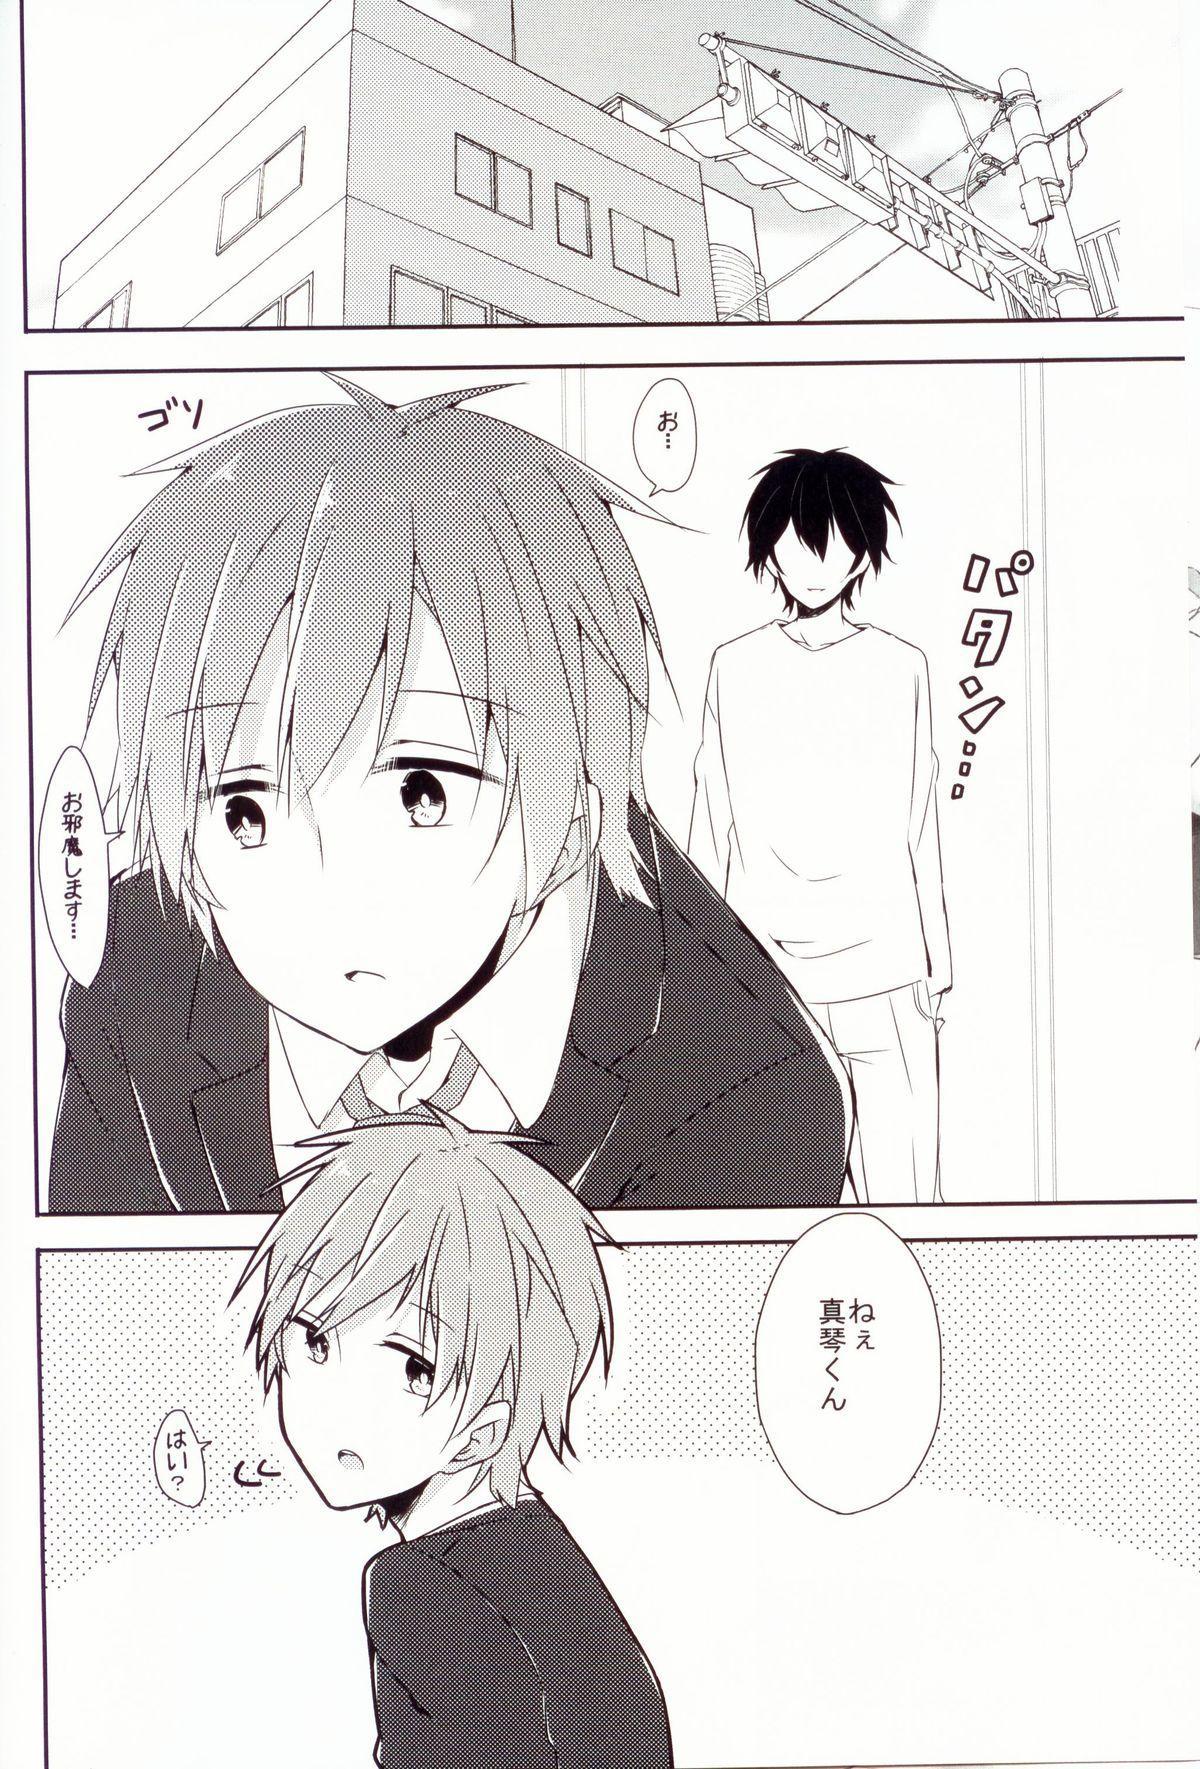 Makoto-chan o doro doro ni suru hon 4